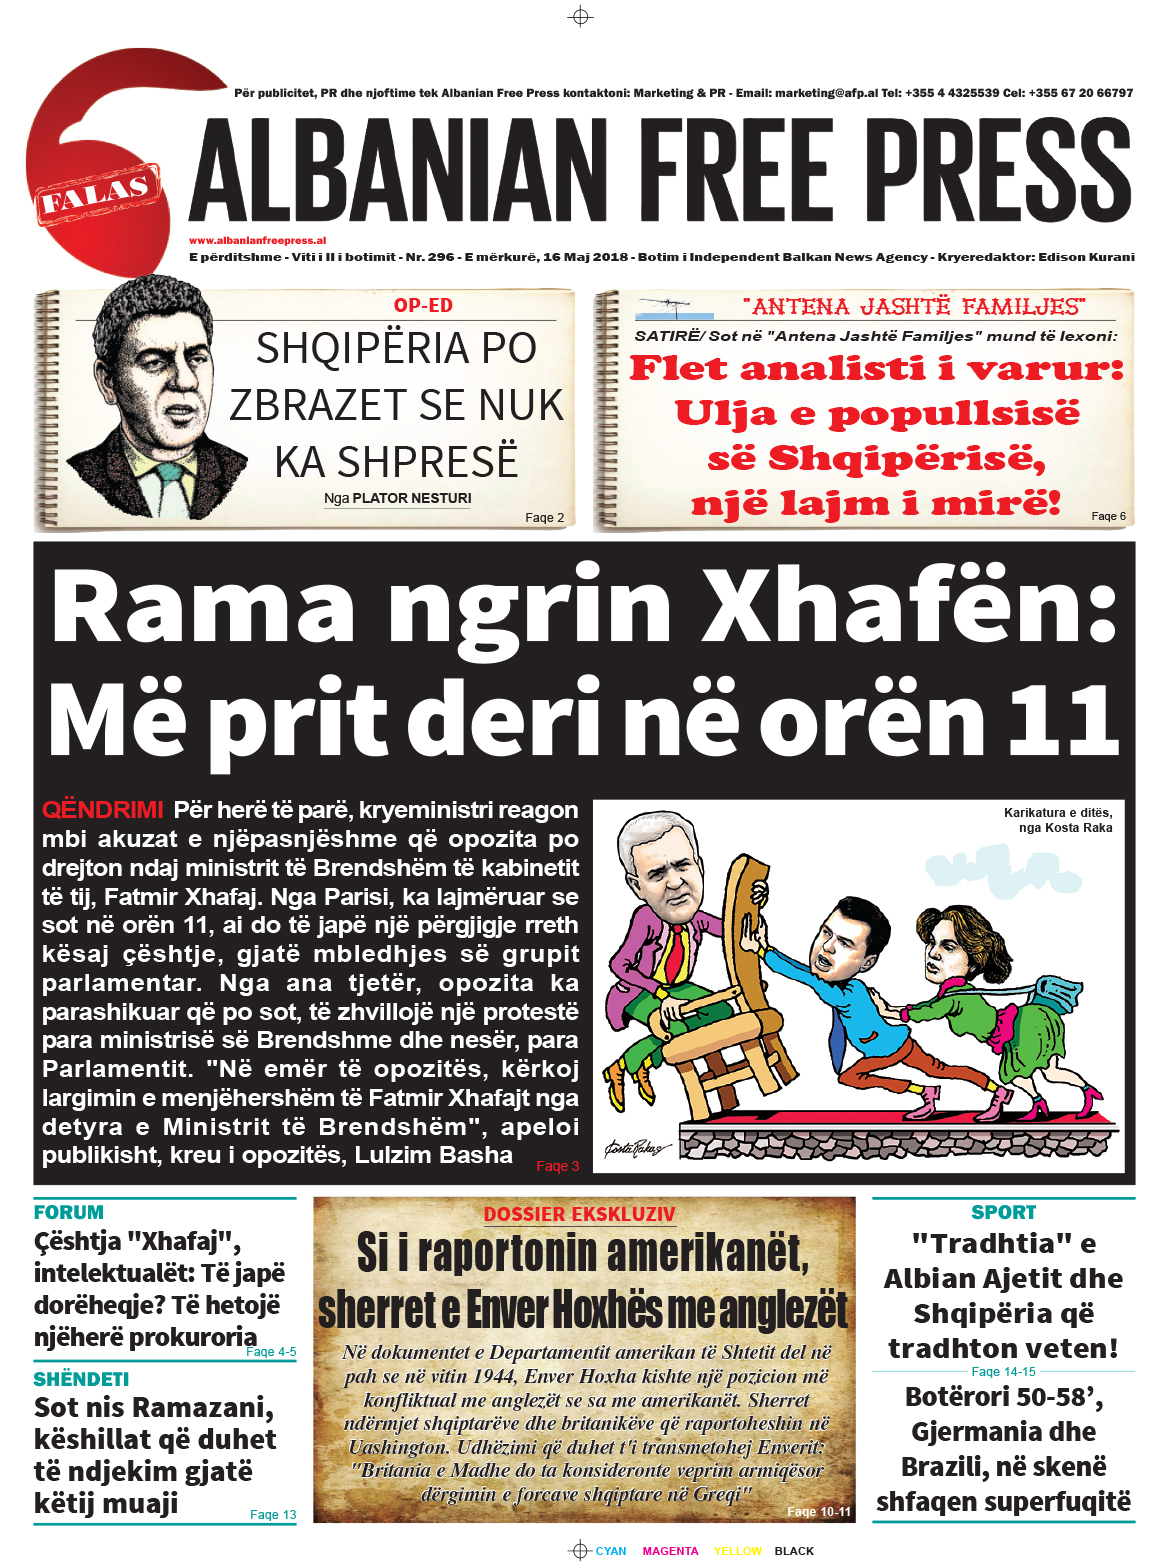 """Lexoni sot, 16 Maj 2018, në gazetën e përditshme """"Albanian Free Press"""""""